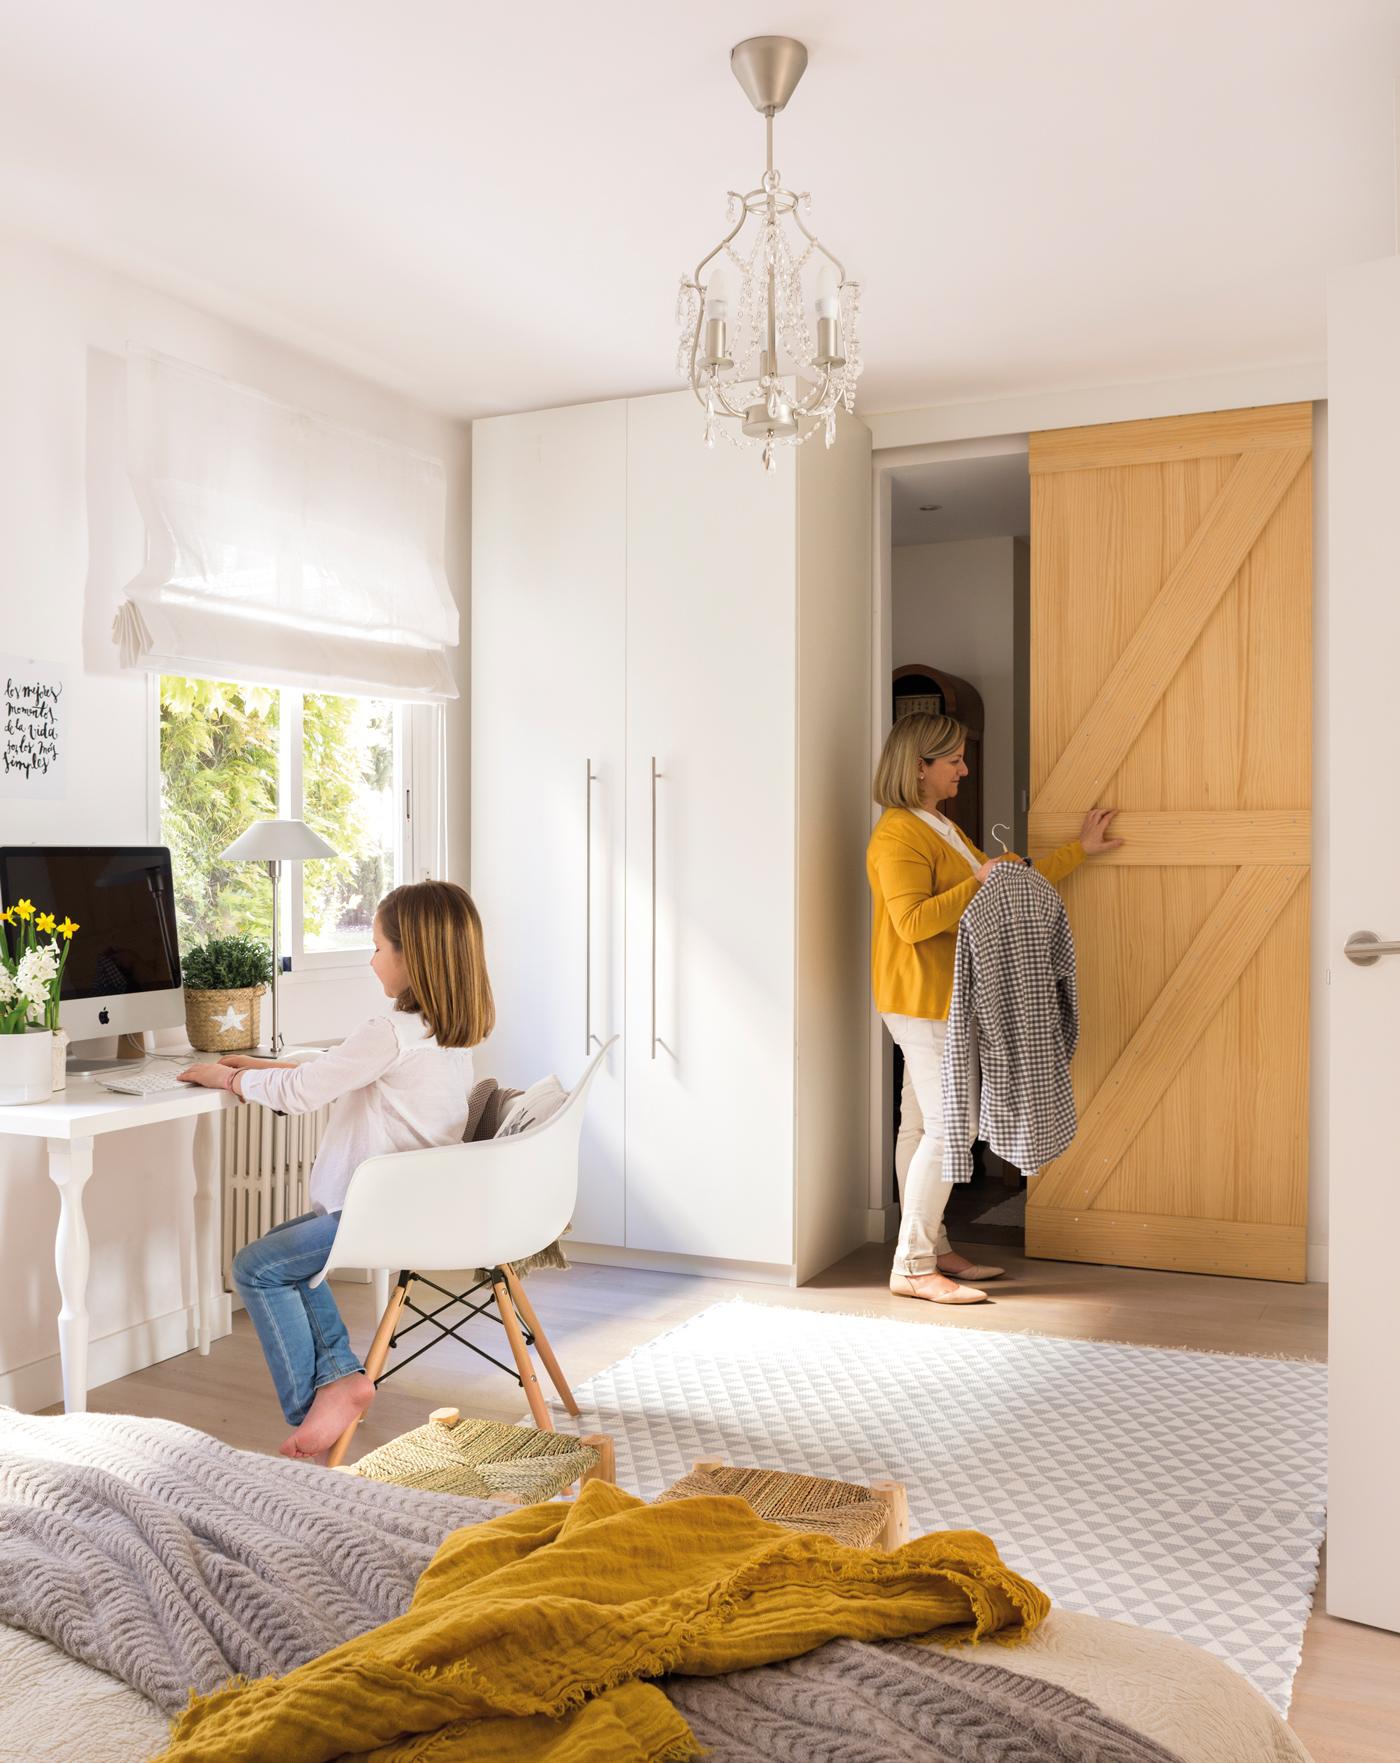 Puertas correderas para evitar barreras y ahorrar espacio for Puertas de madera para dormitorios